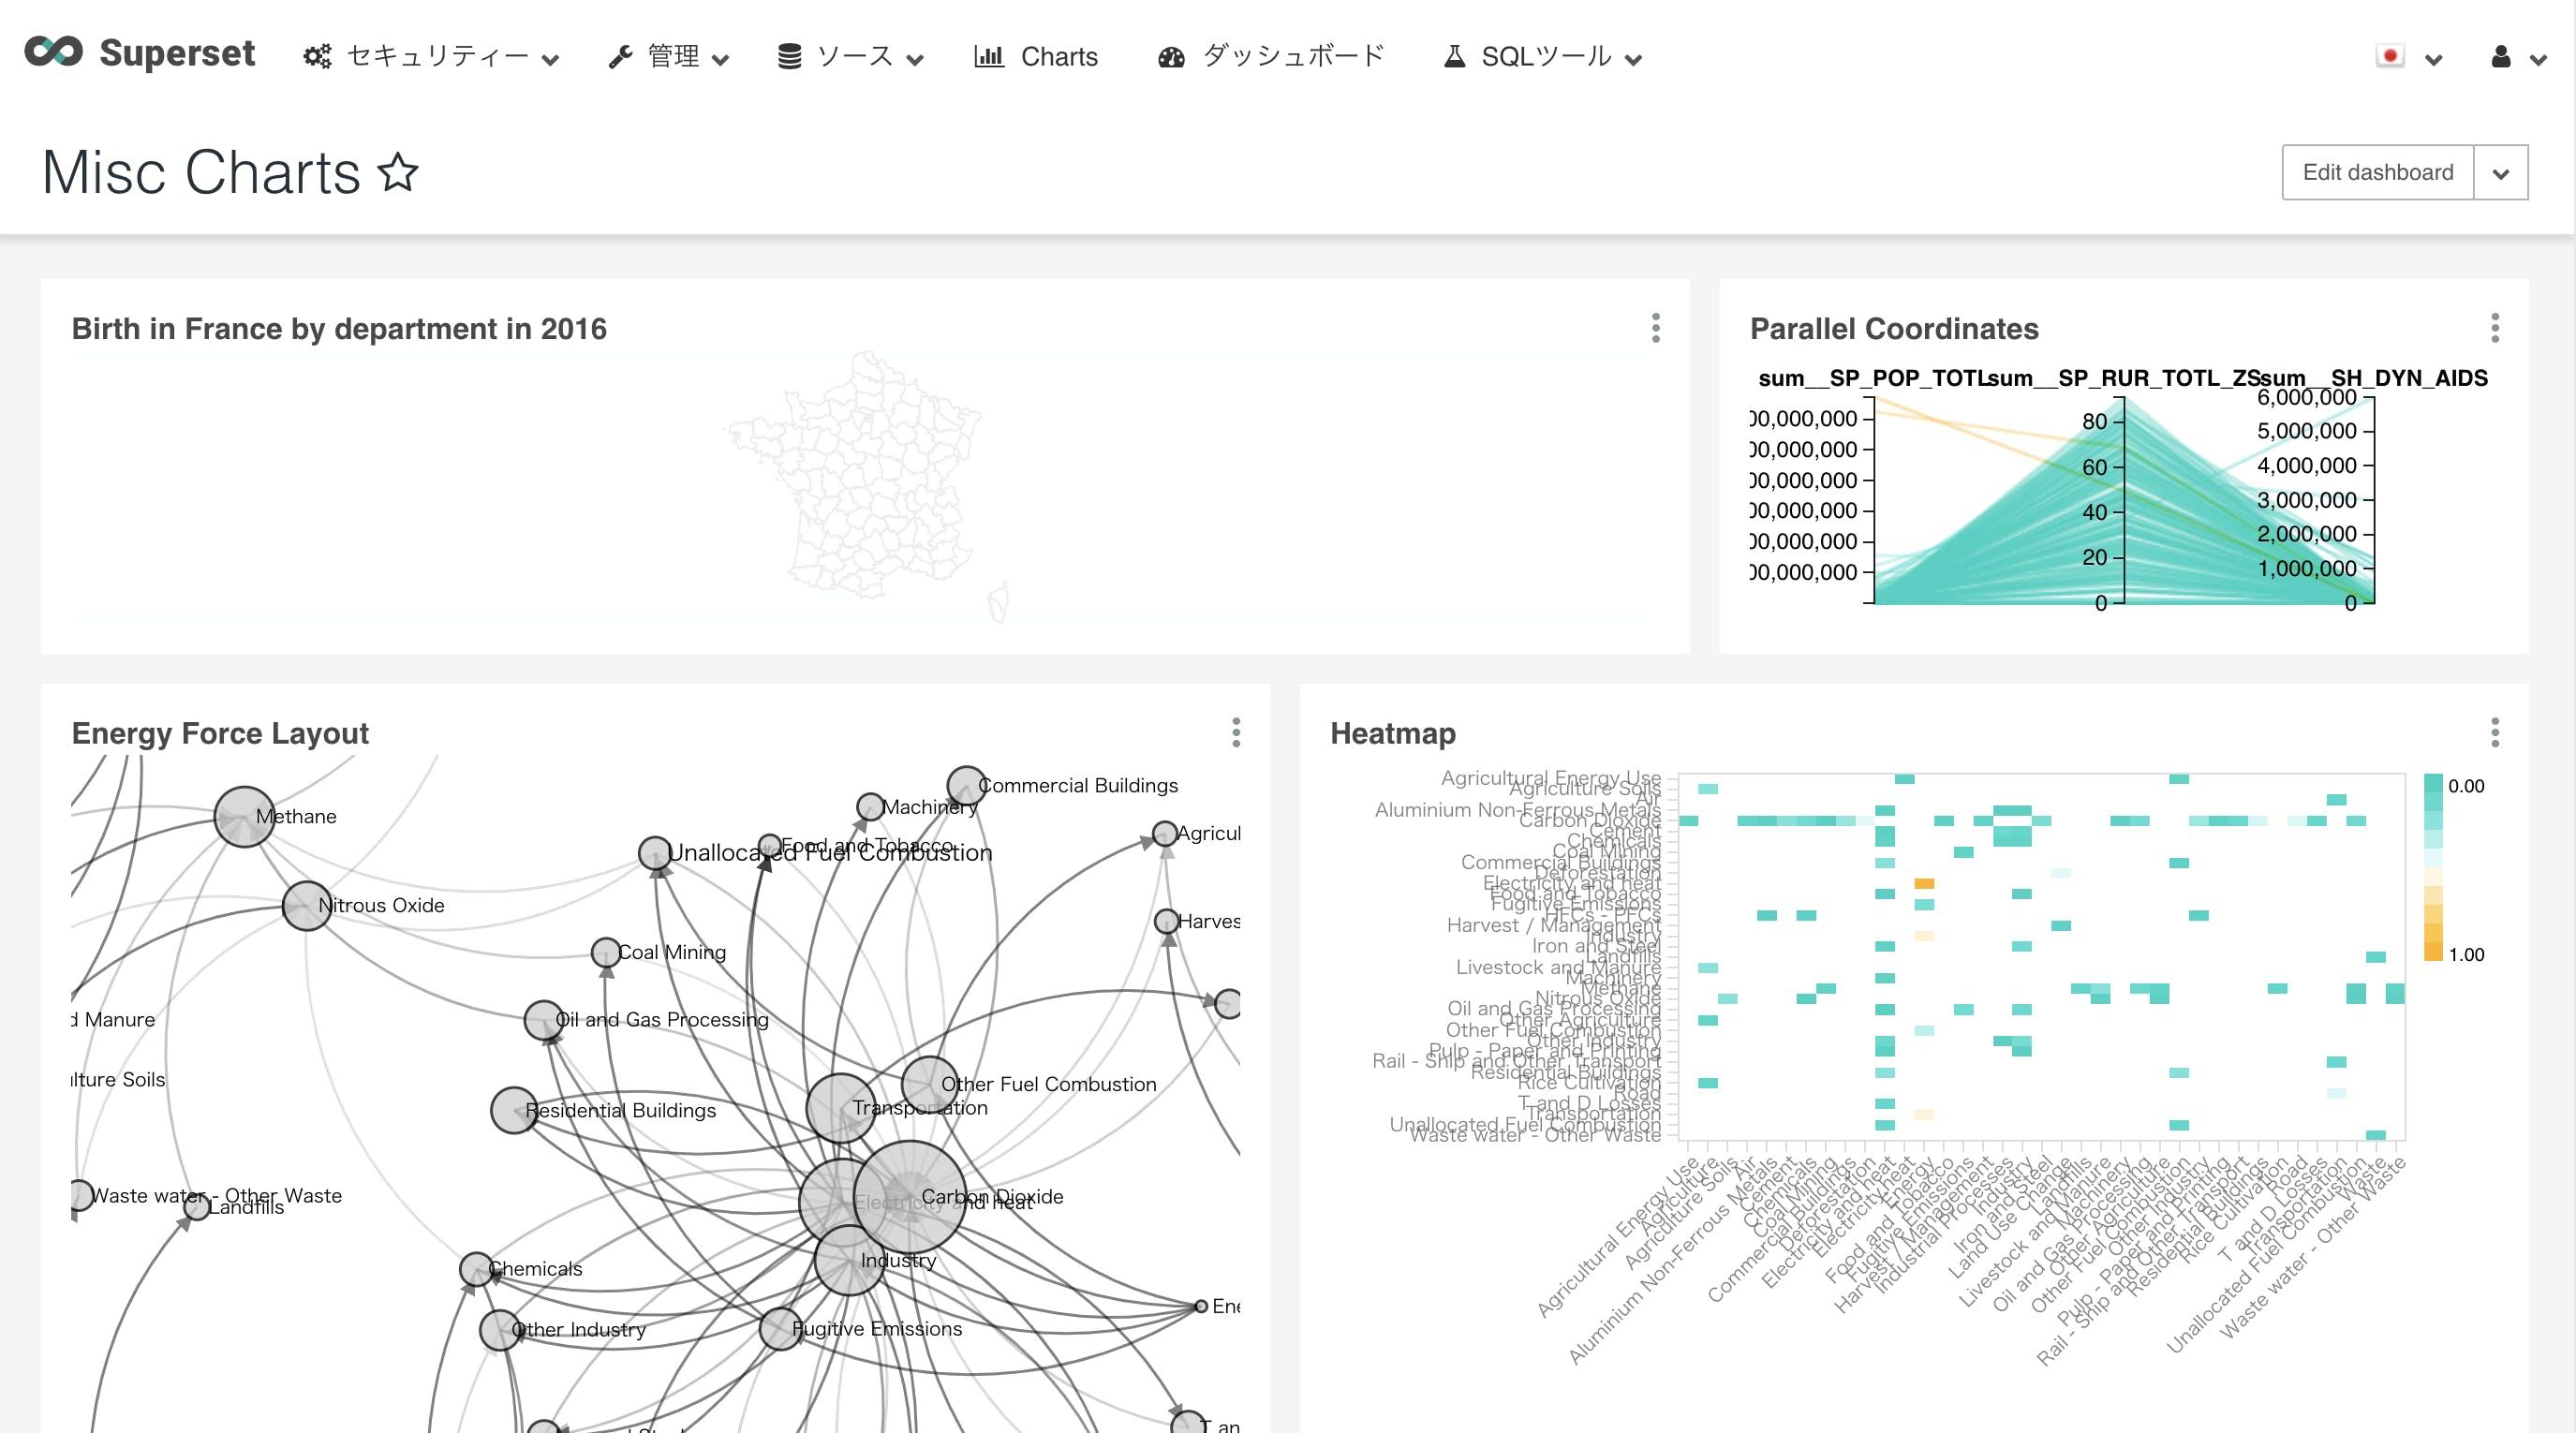 Business Intelligence Software - OSS の BIツール を比較してみる - Qiita